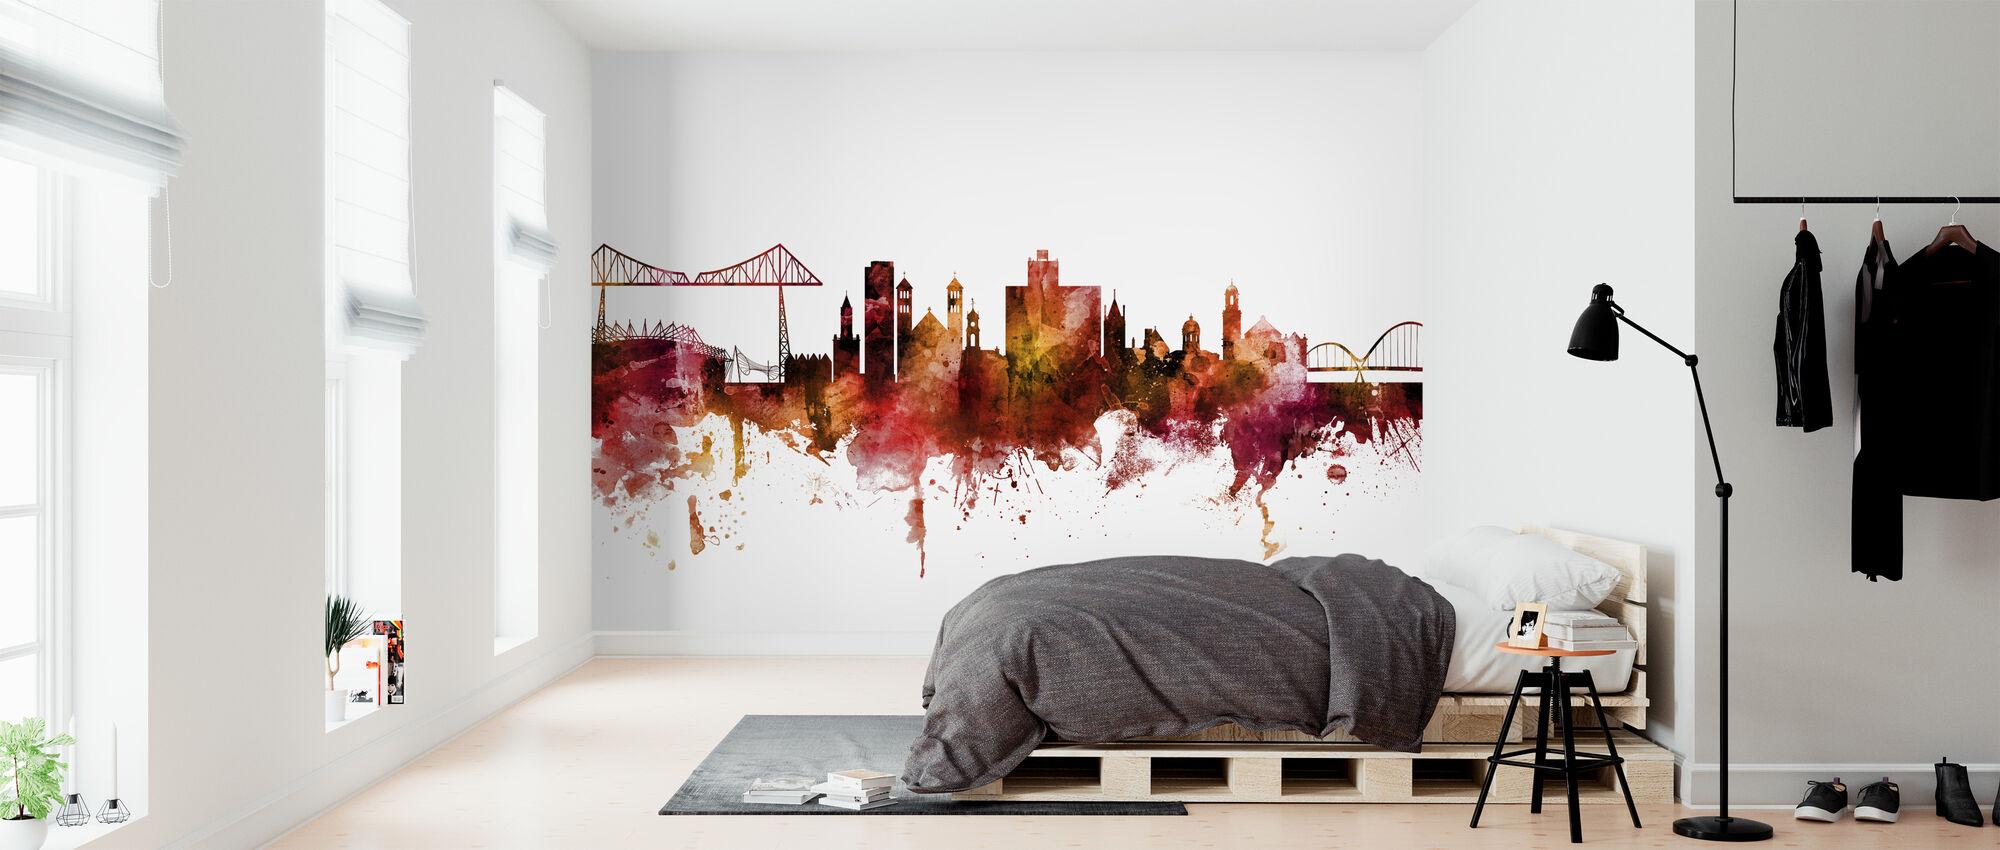 Middlesbrough England Skyline - Wallpaper - Bedroom